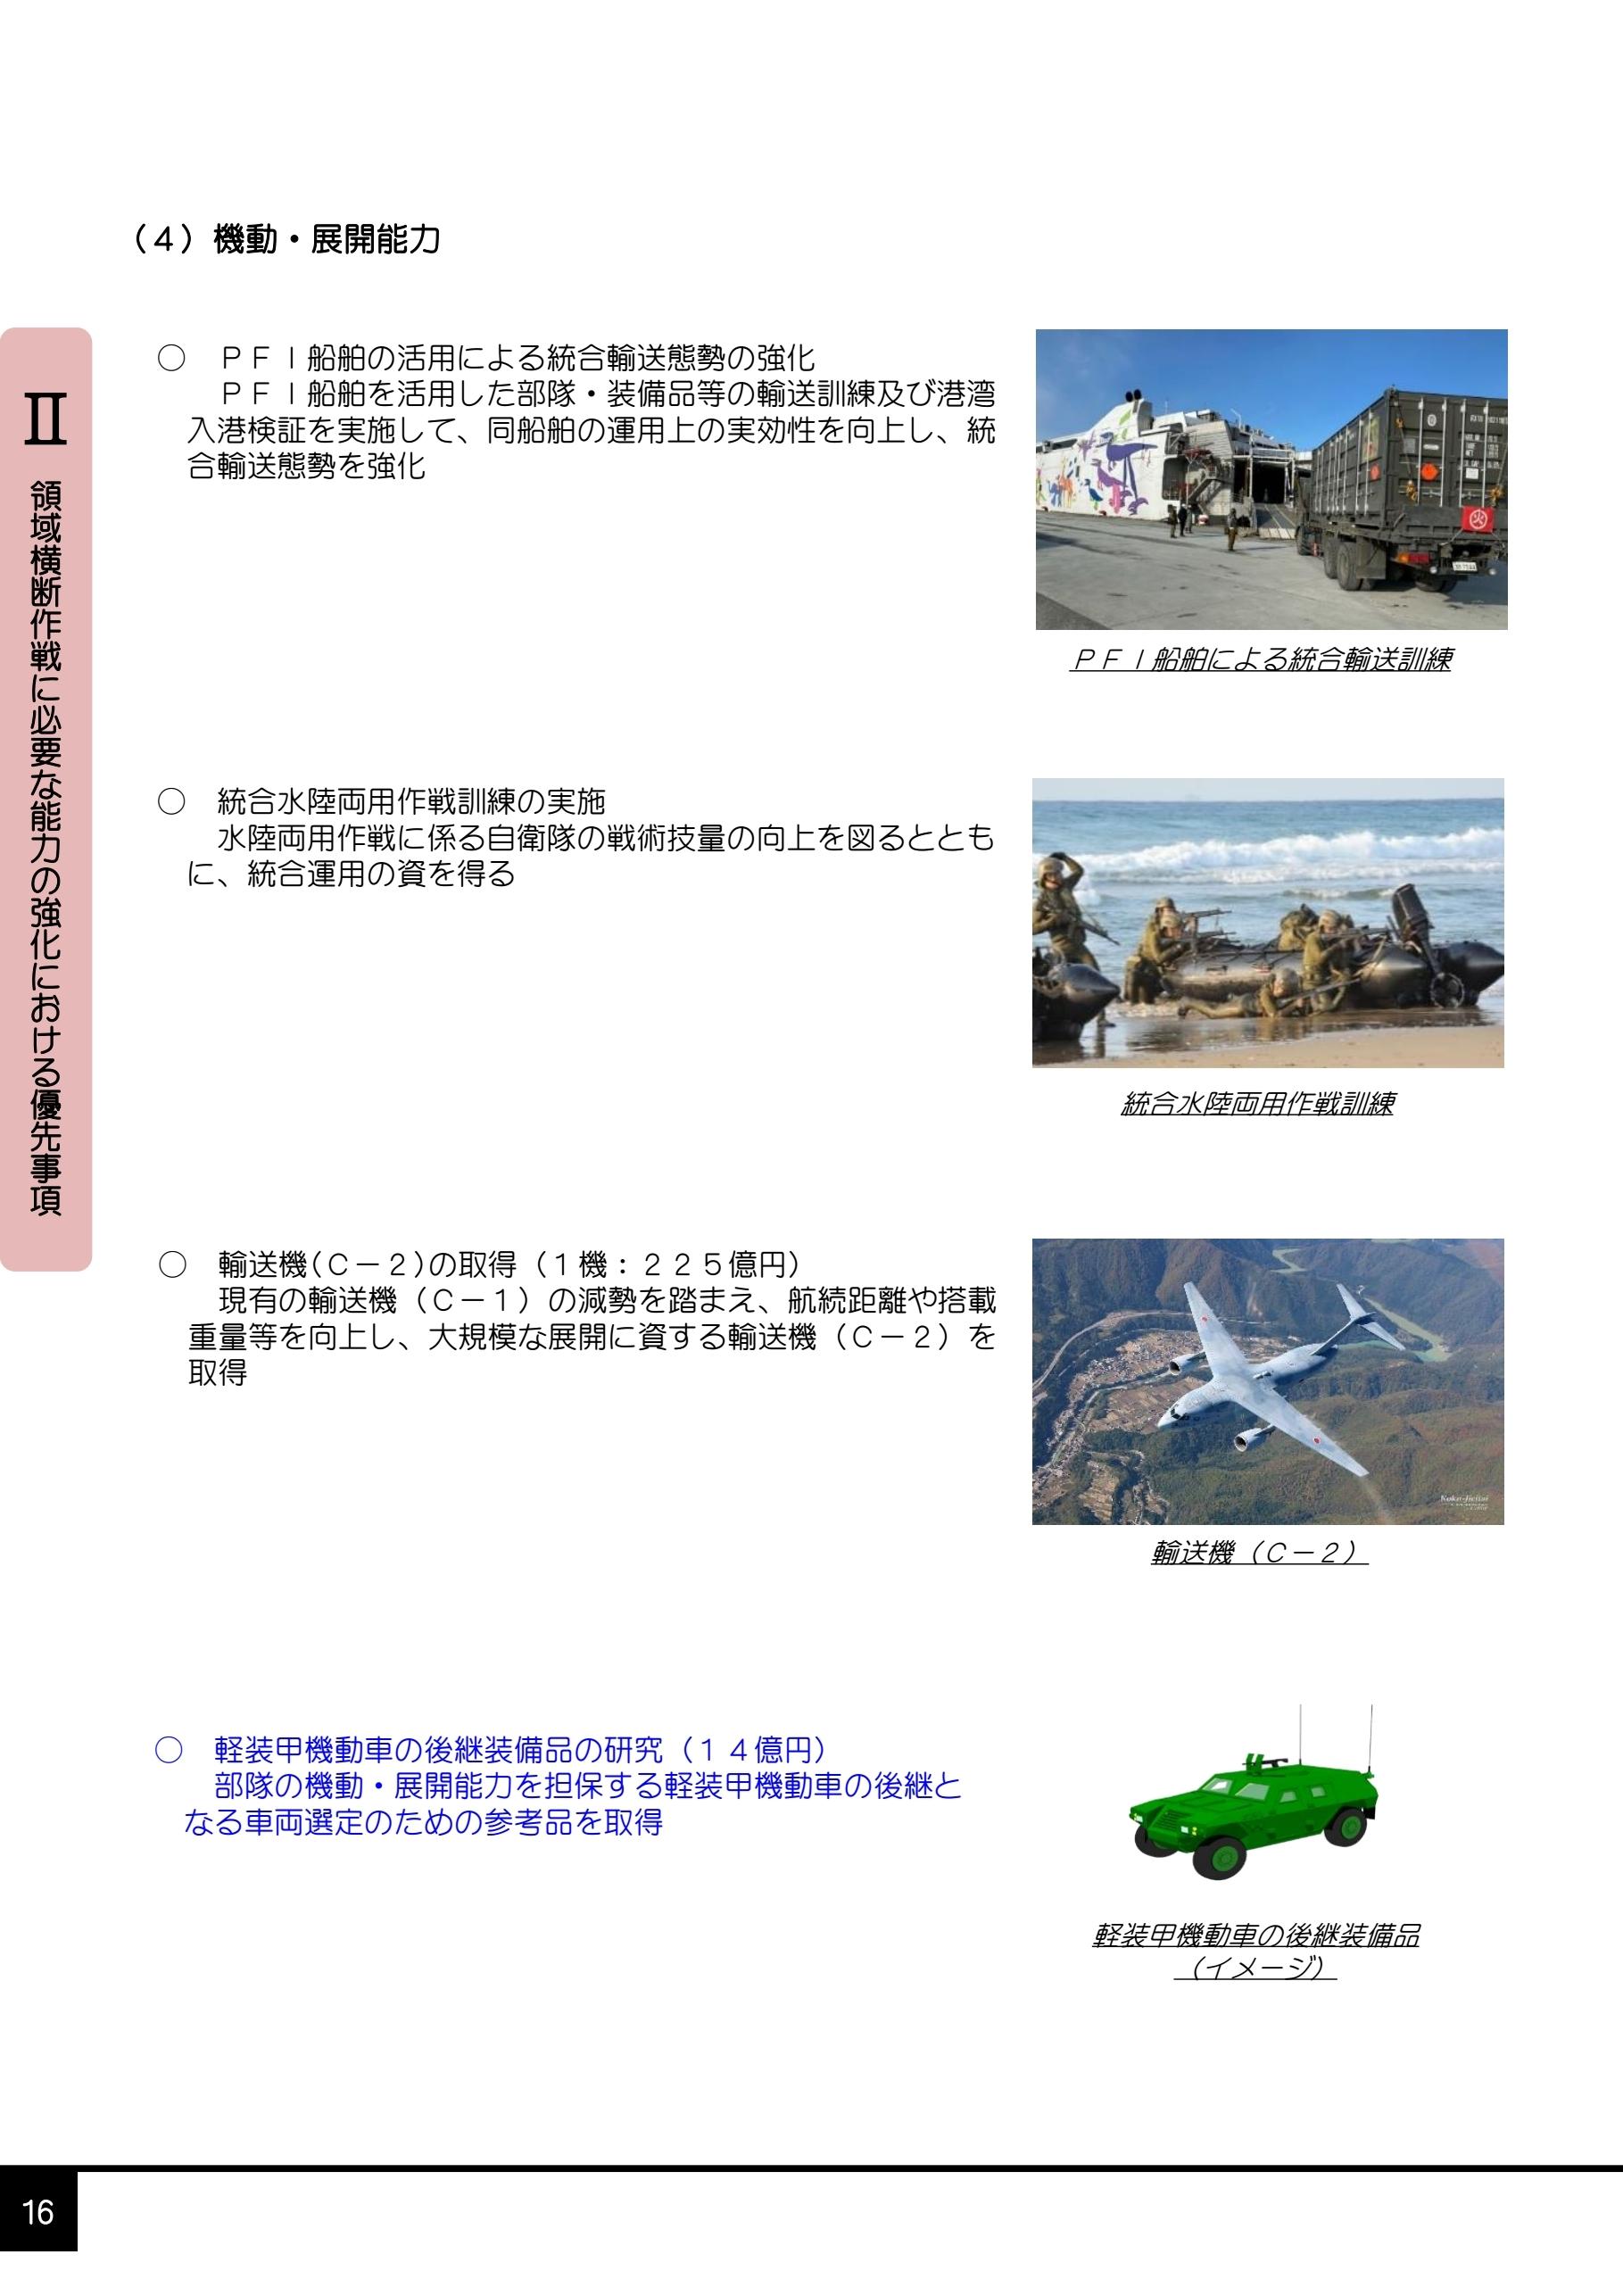 我が国の防衛と予算(案)2021年度予算の概要0020